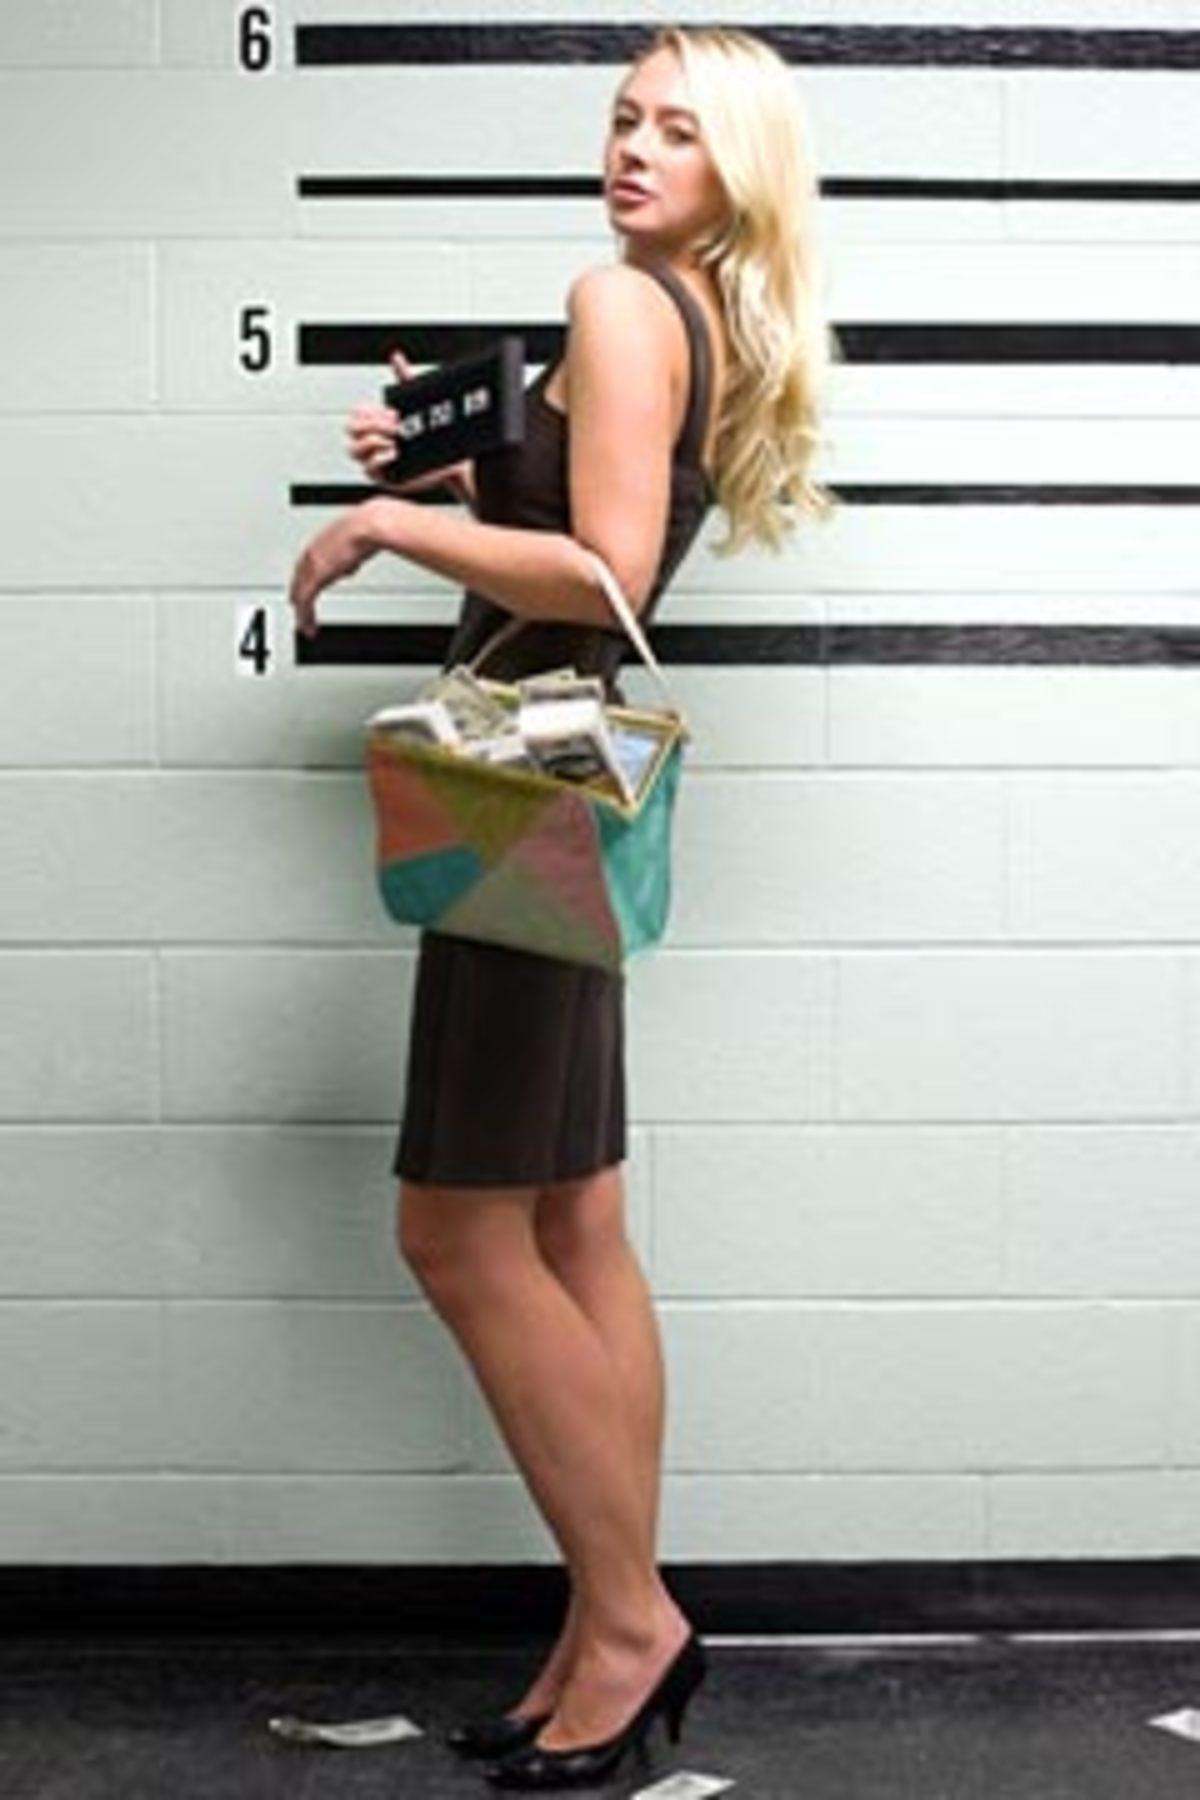 Δασκάλα λήστεψε τράπεζα με πλαστικό πιστόλι! | Newsit.gr